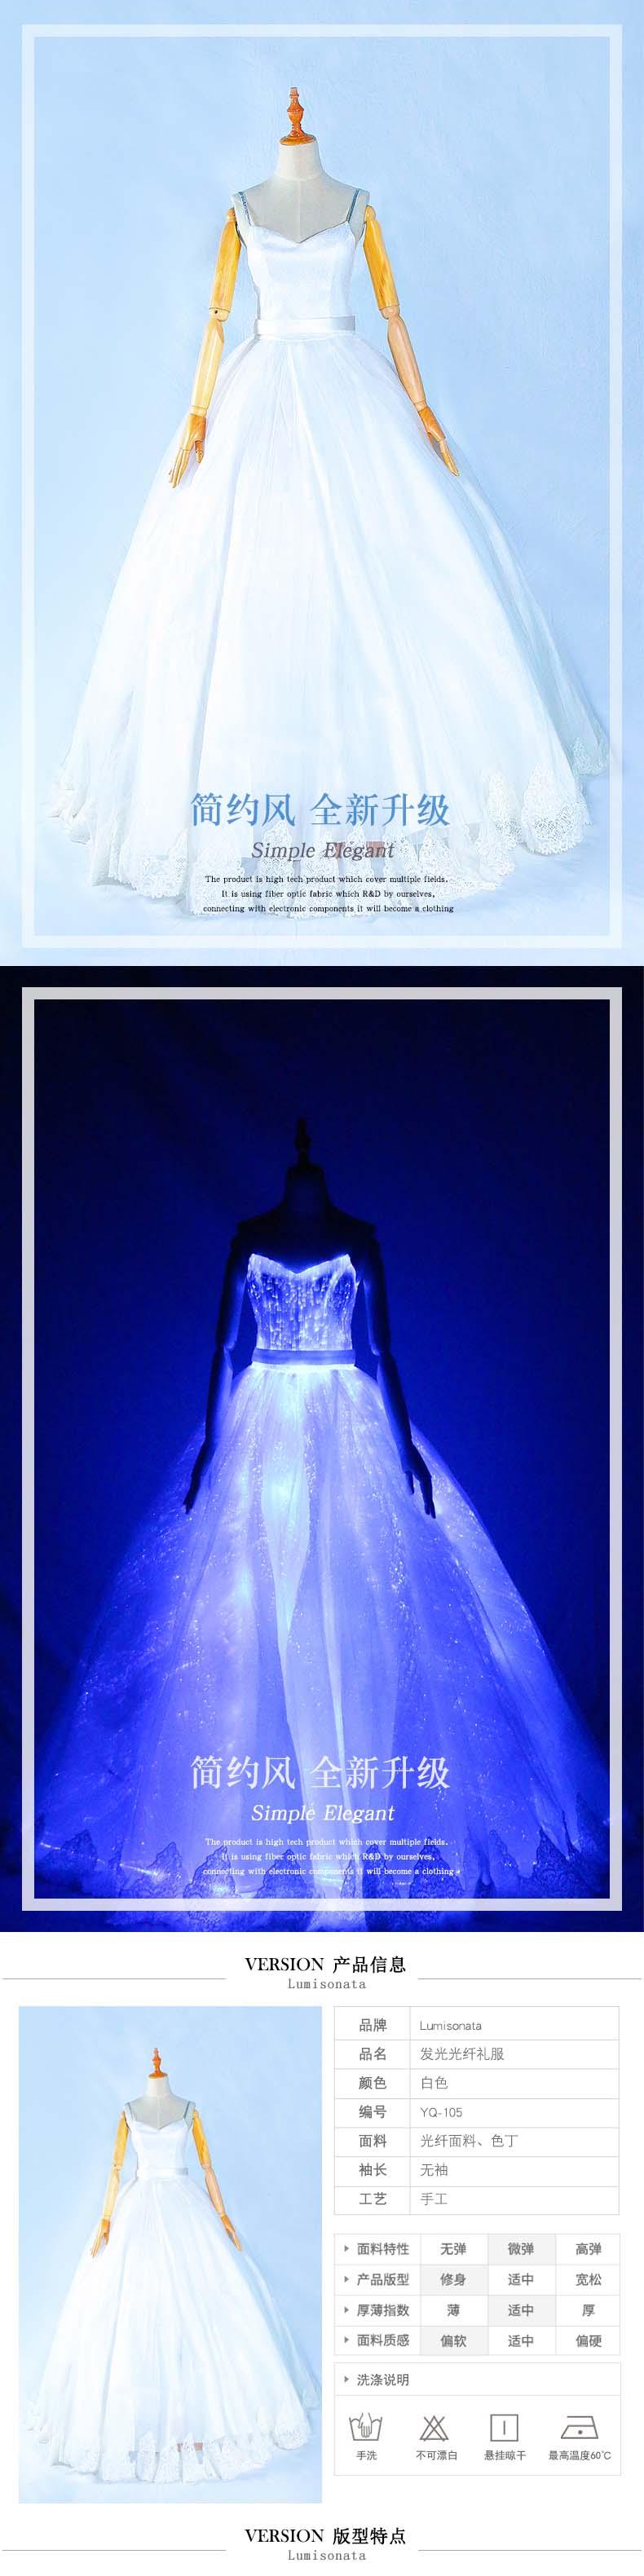 智能发光婚纱